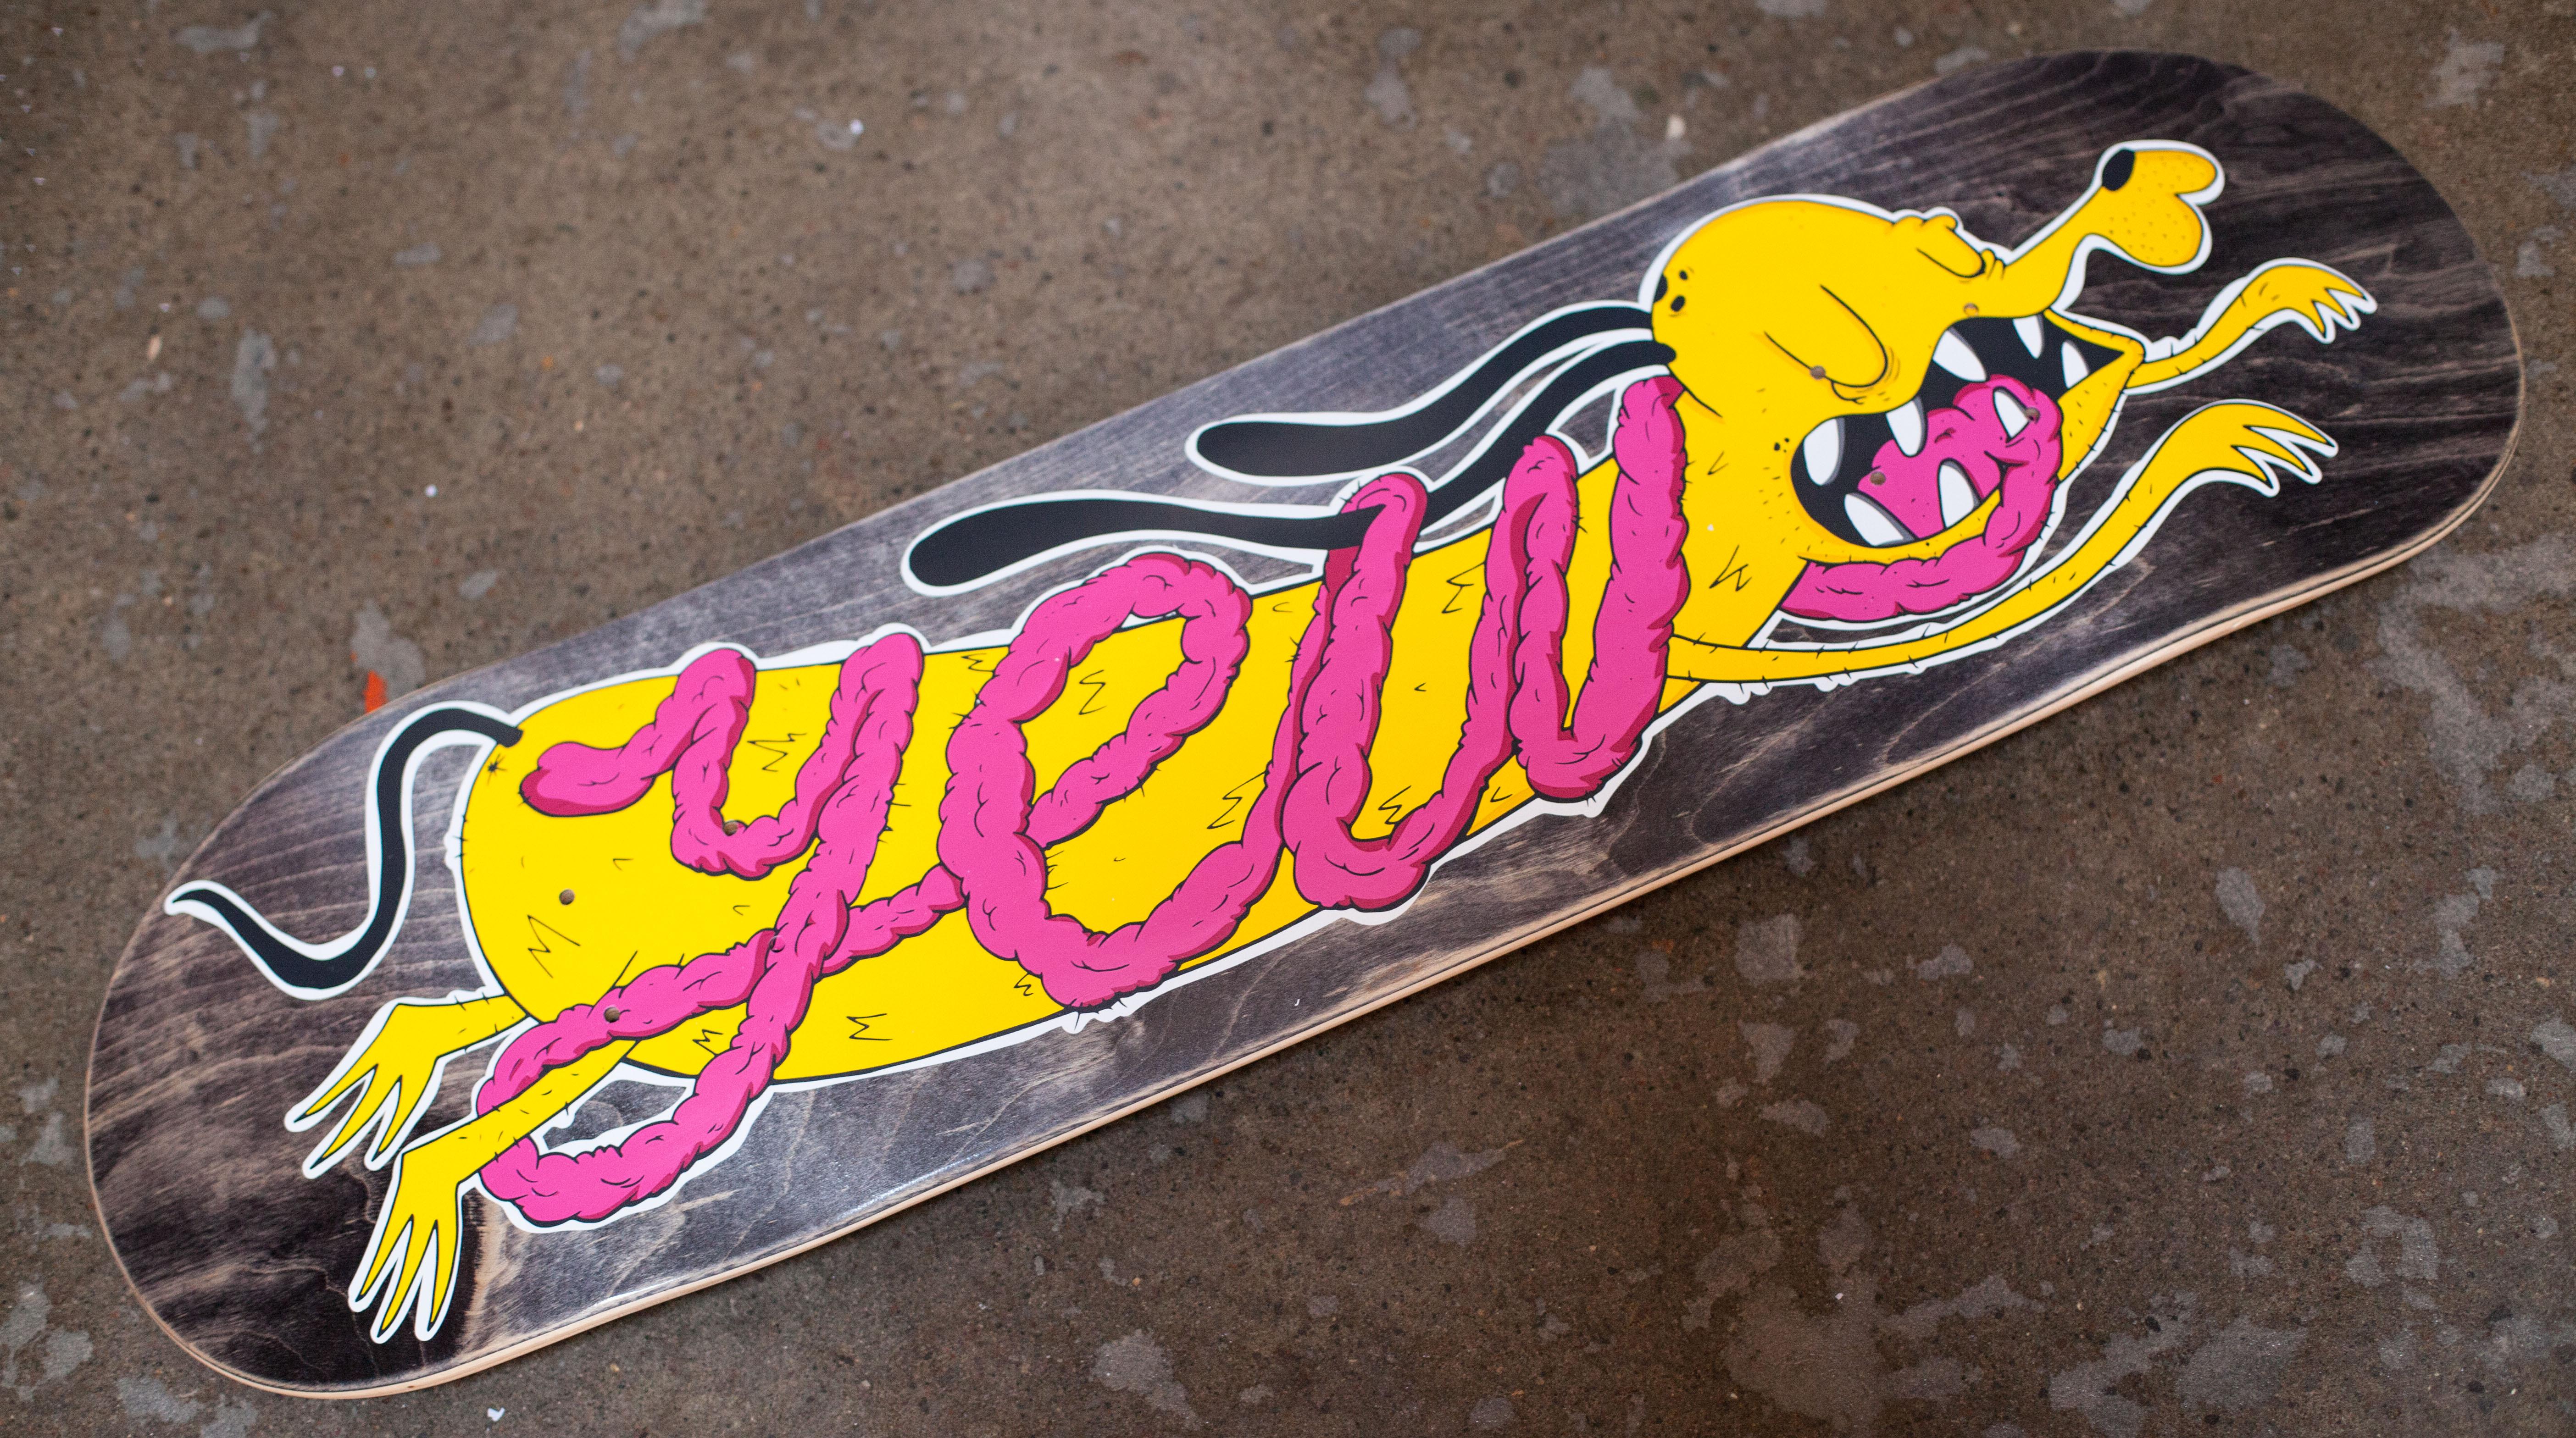 Yew Skateboards